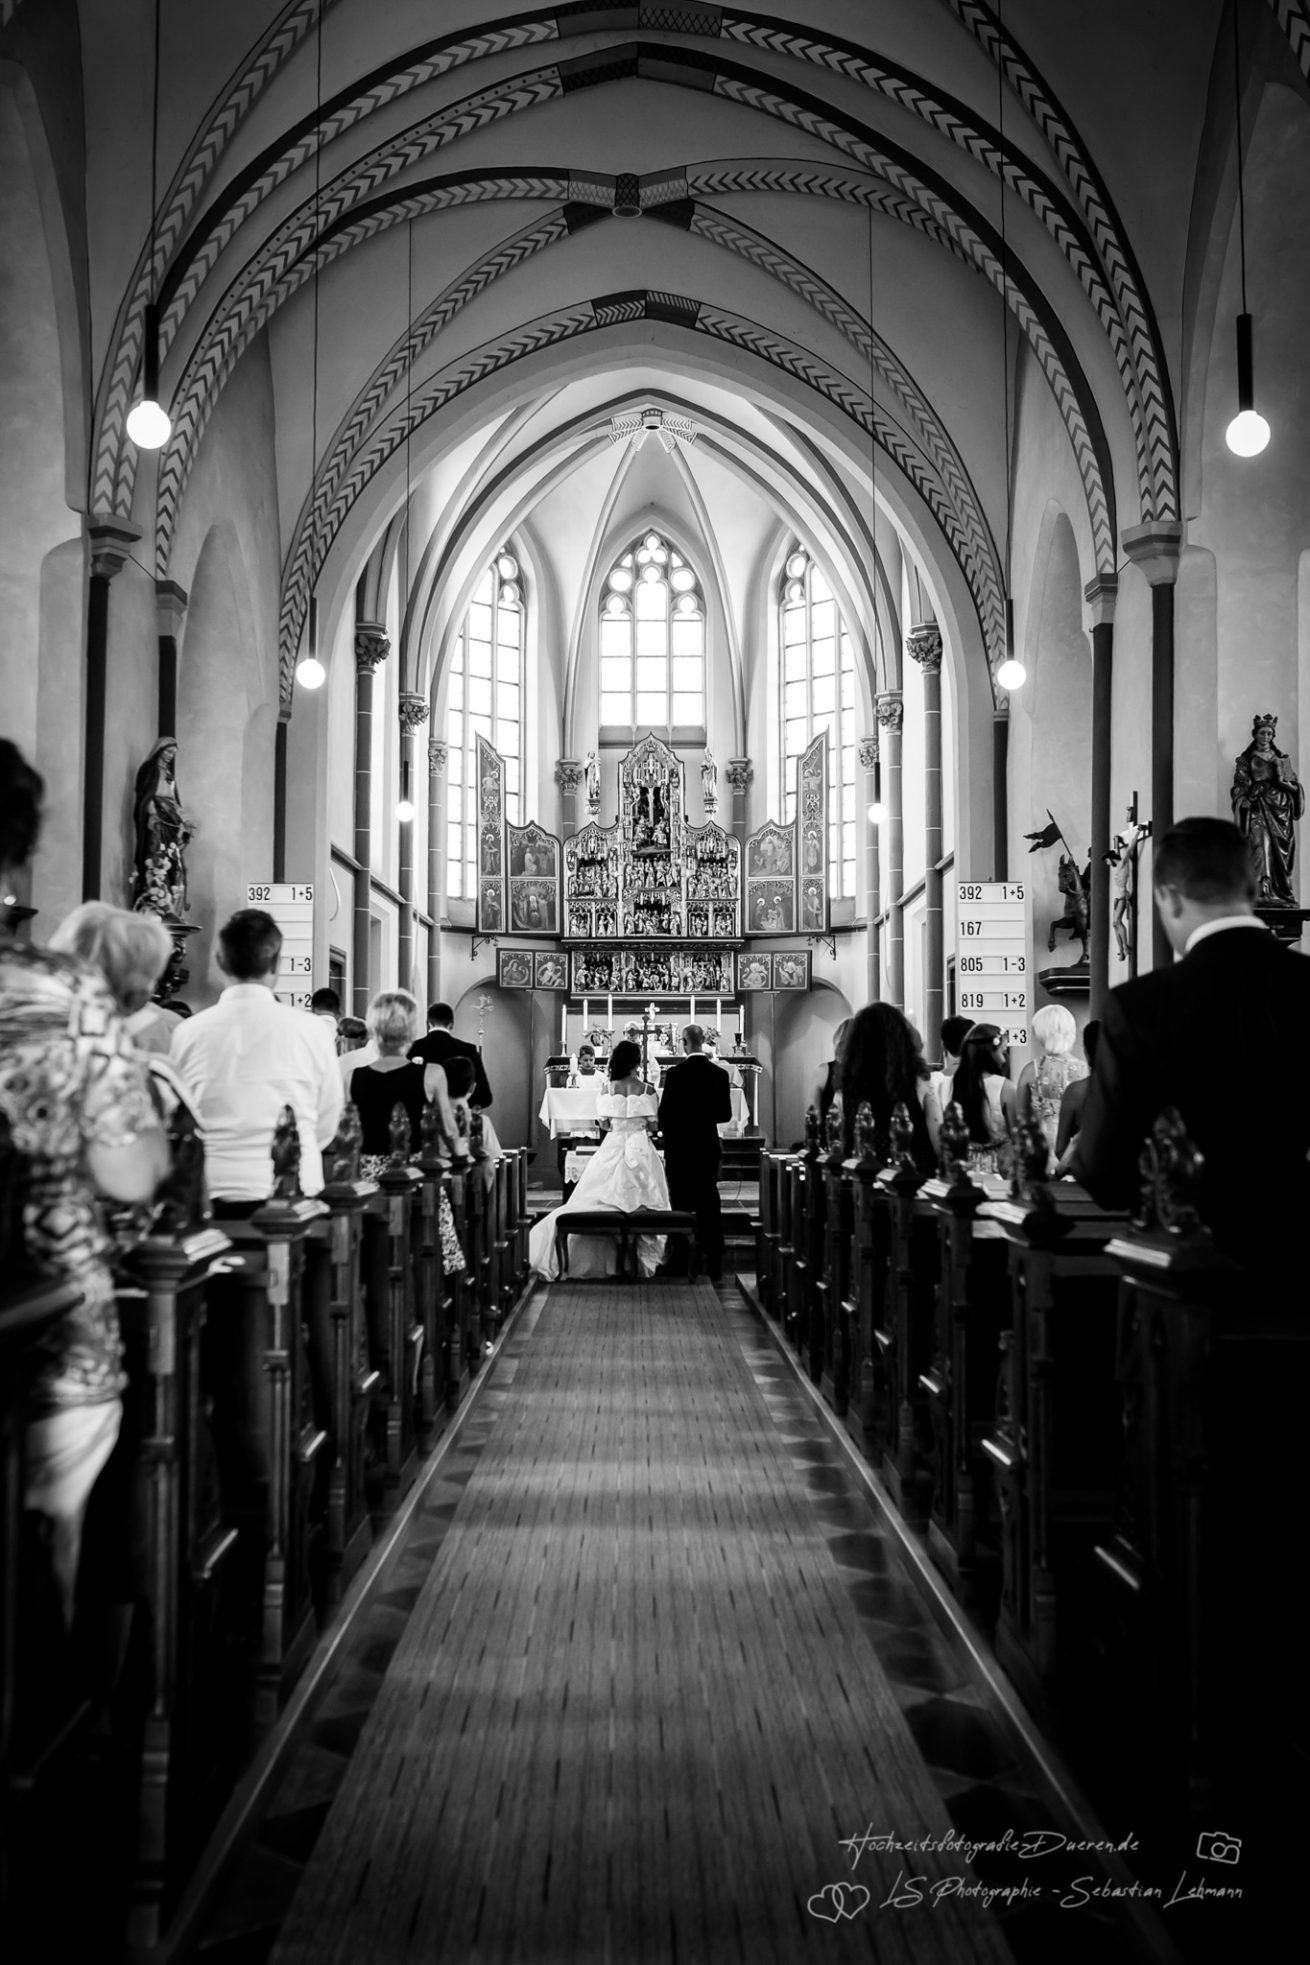 Hochzeitsfotograf in Düren, Aachen, Jülich, Linnich - Tolle Hochzeitsfotos von Eurem Fotografen aus NRW